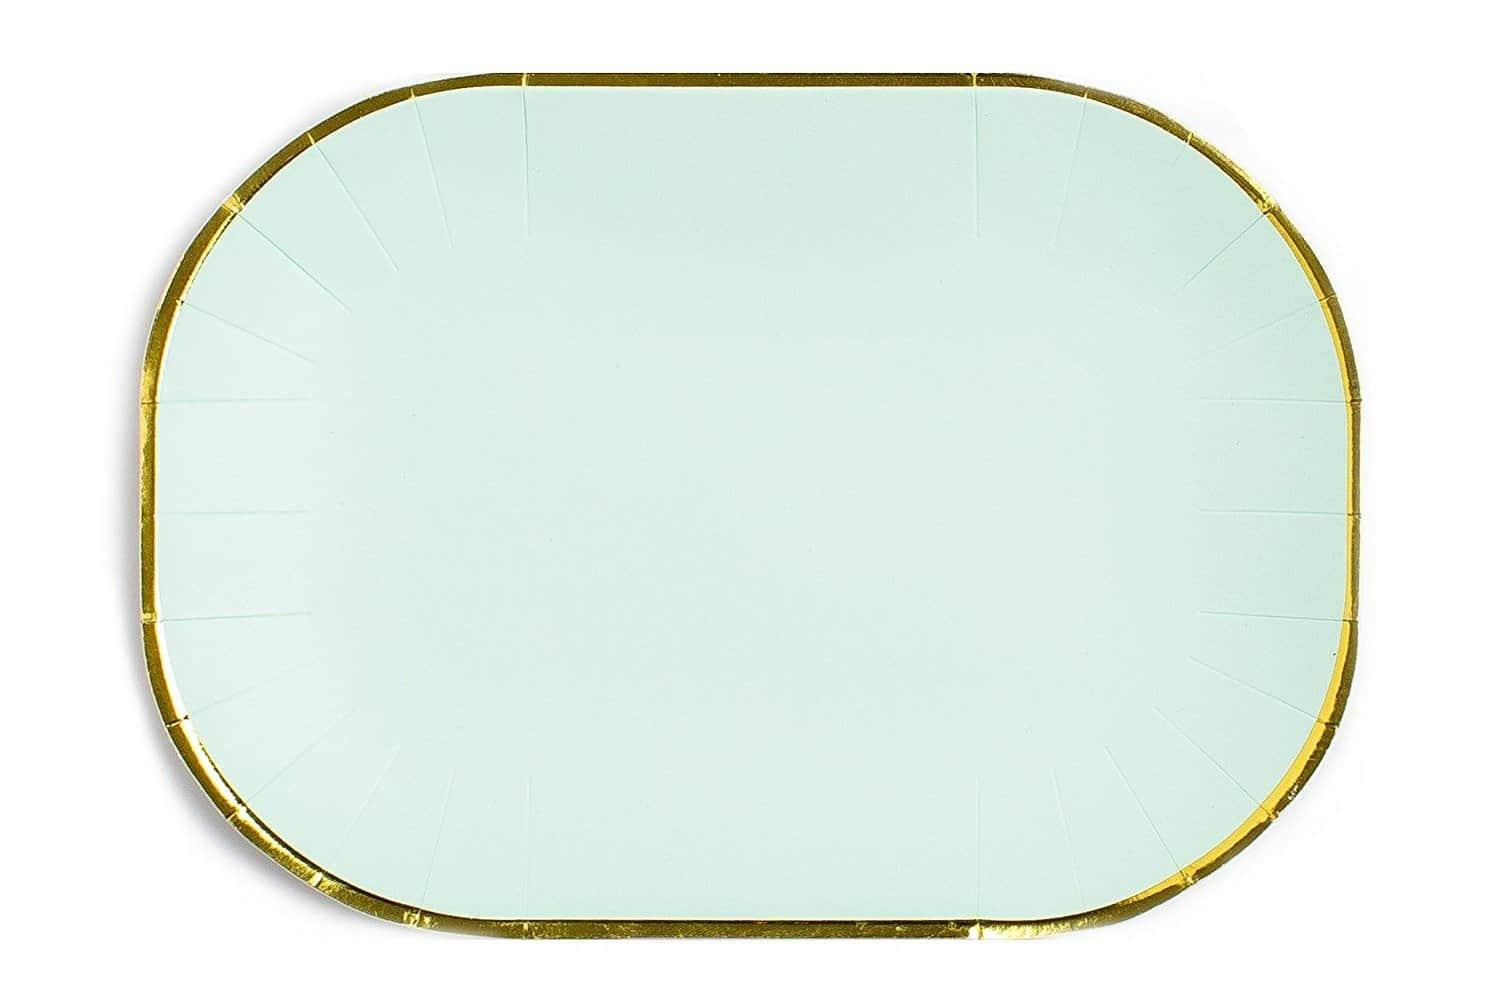 Mint with Gold Edge Paper Plates  sc 1 st  Sugar \u0026 Cloth & Sugar \u0026 Cloth Entertaining \u0026 Party Products | Sugar \u0026 Cloth